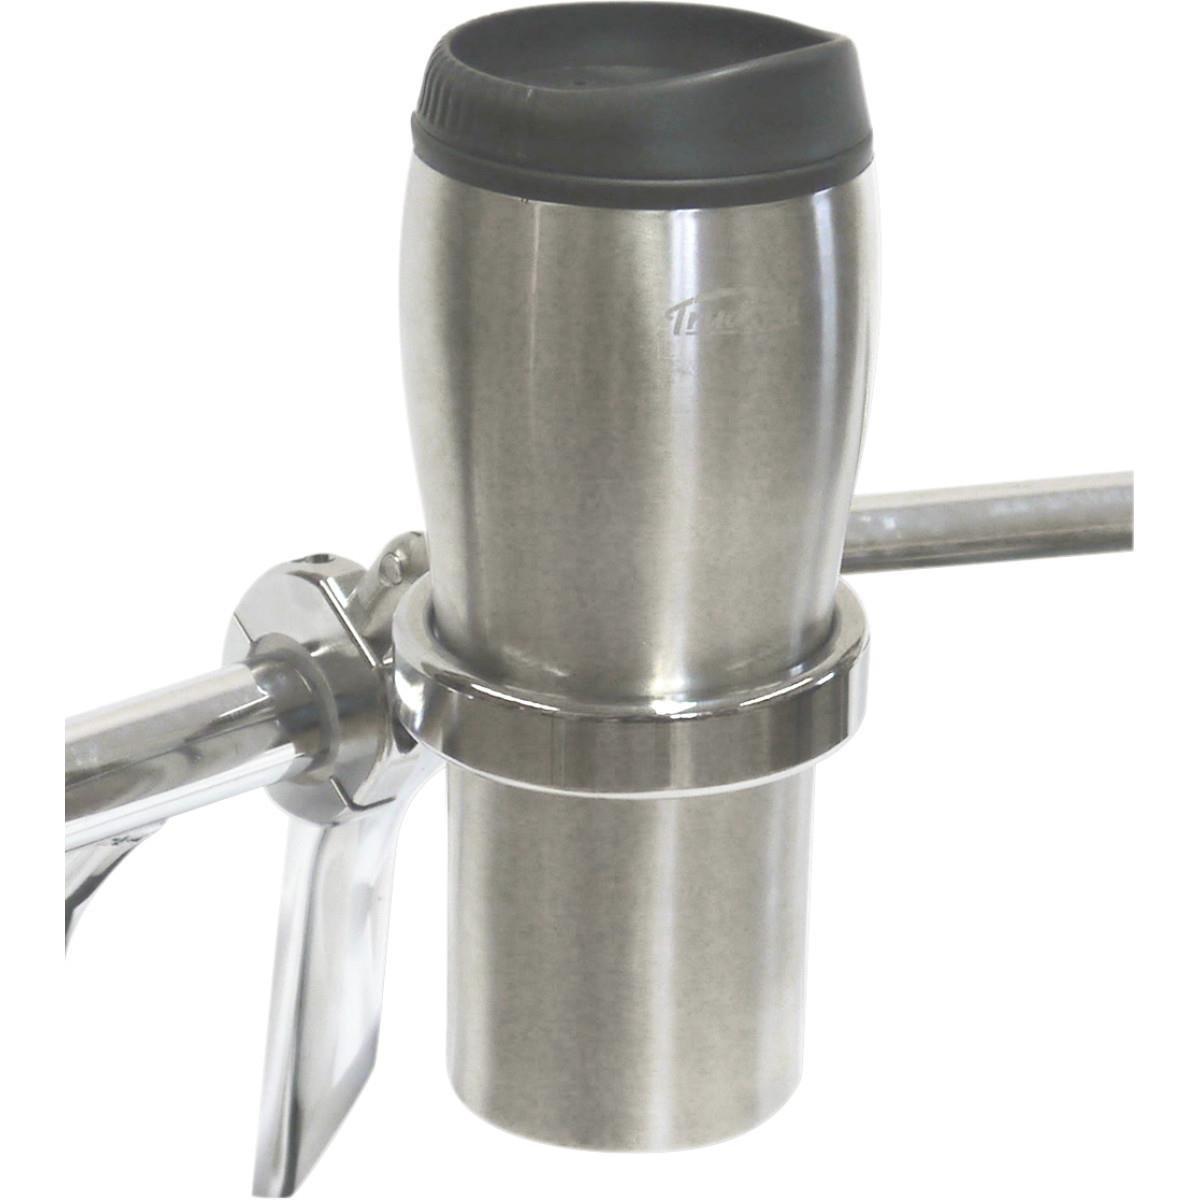 Desert Dawgs RUMFCH RoadRunner PLUS Drink Holder w/Travel Mug - 1in. thru 1-1/4in. - Chrome